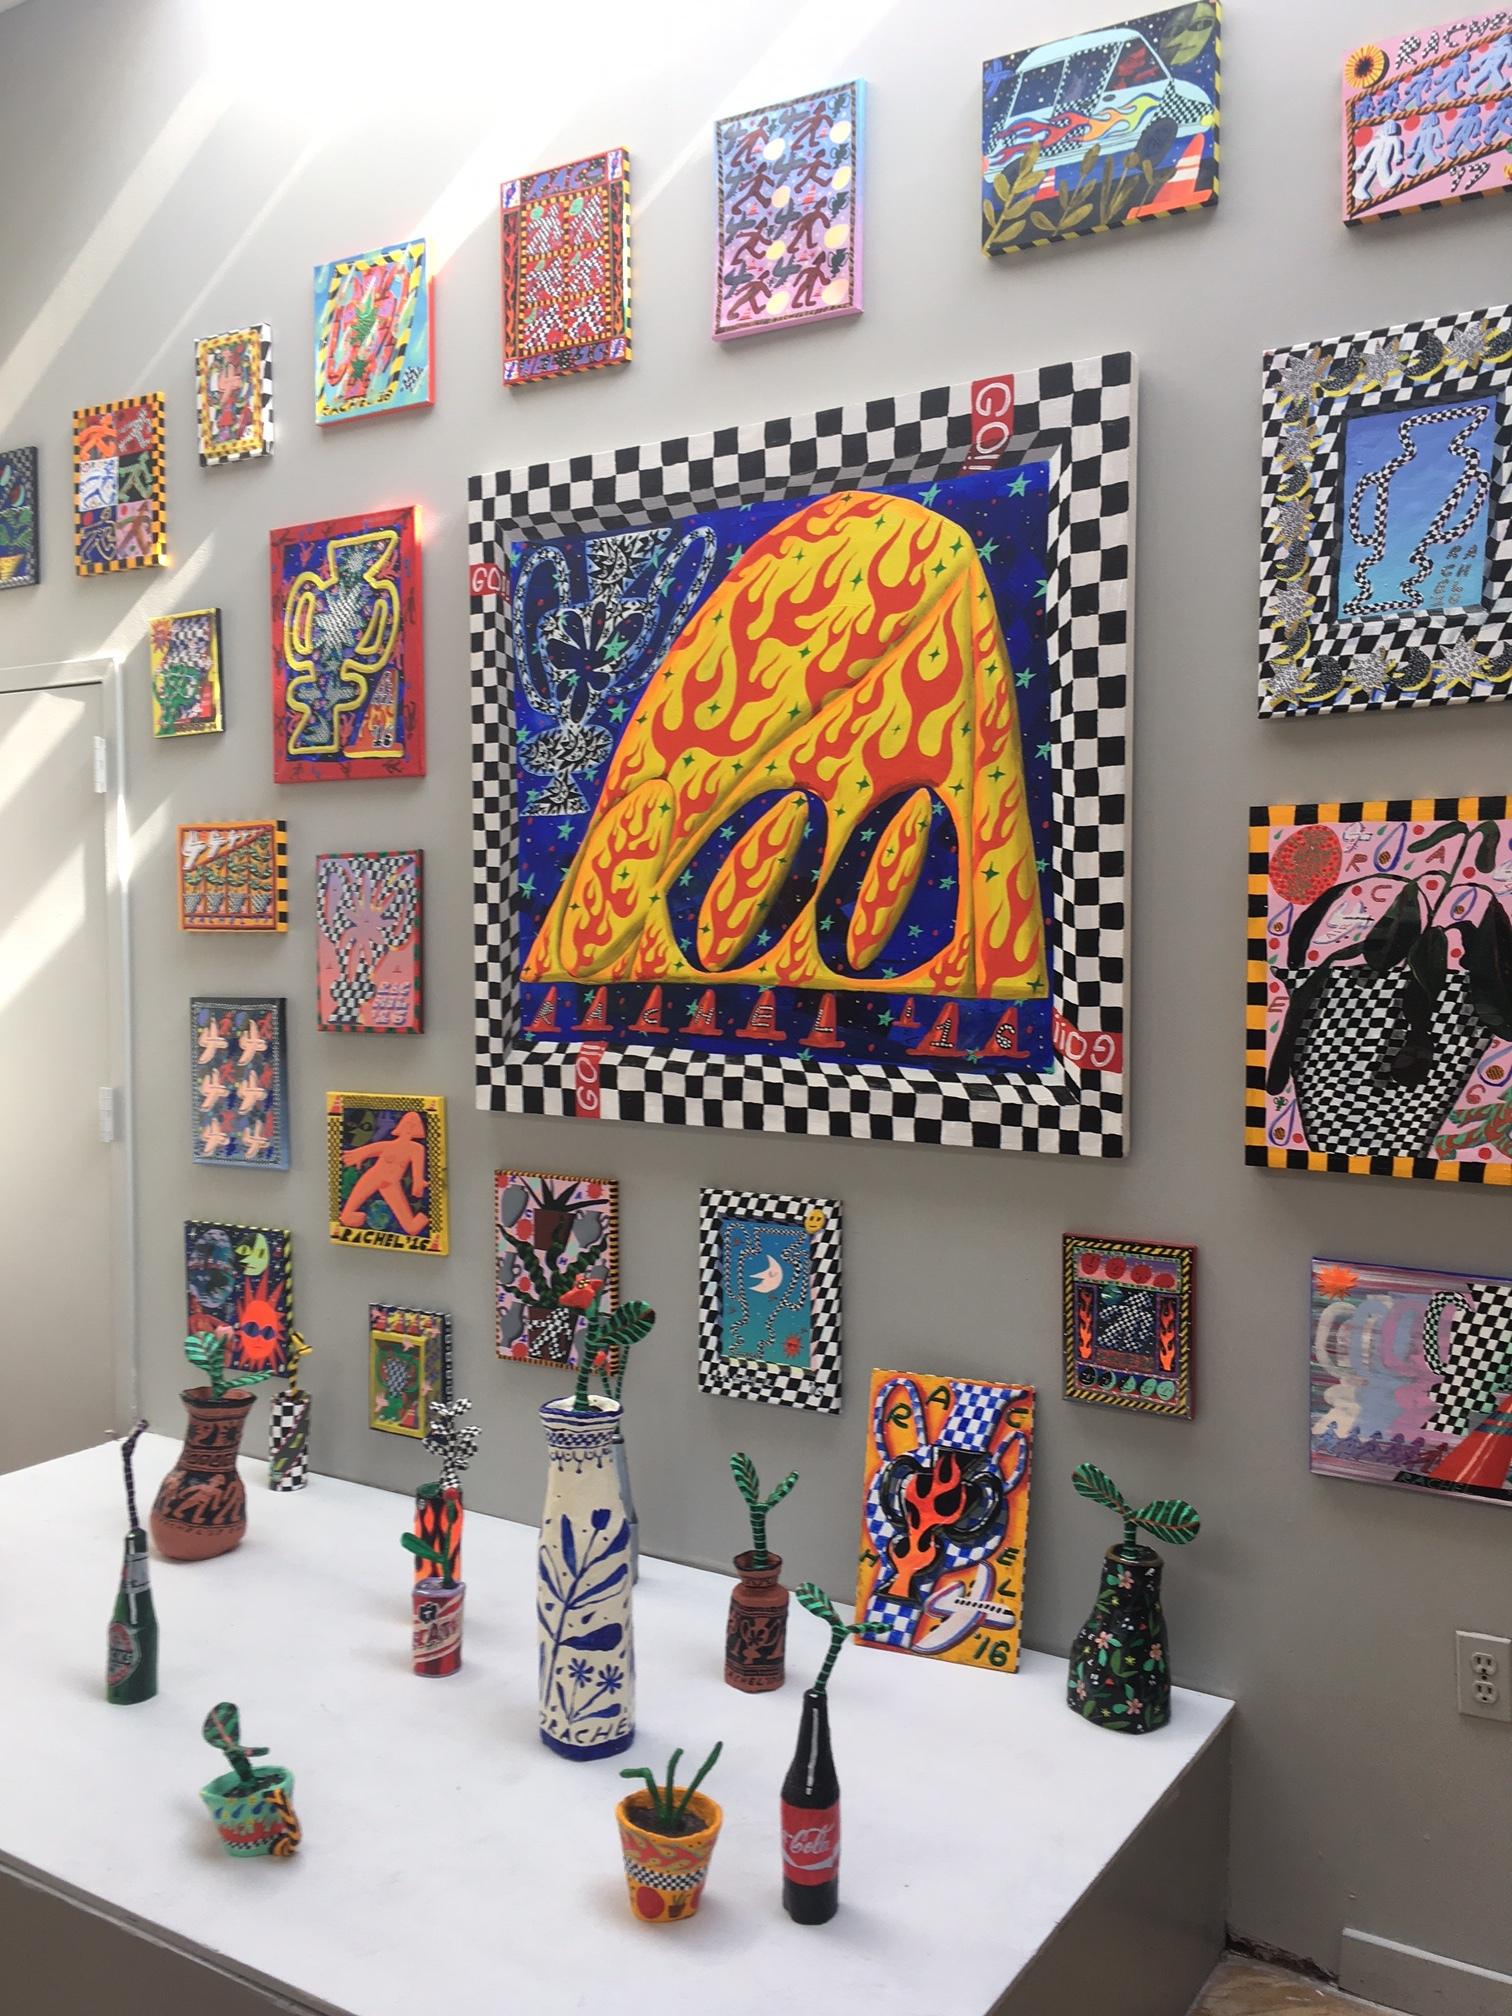 Rachel Hayden (installation view)